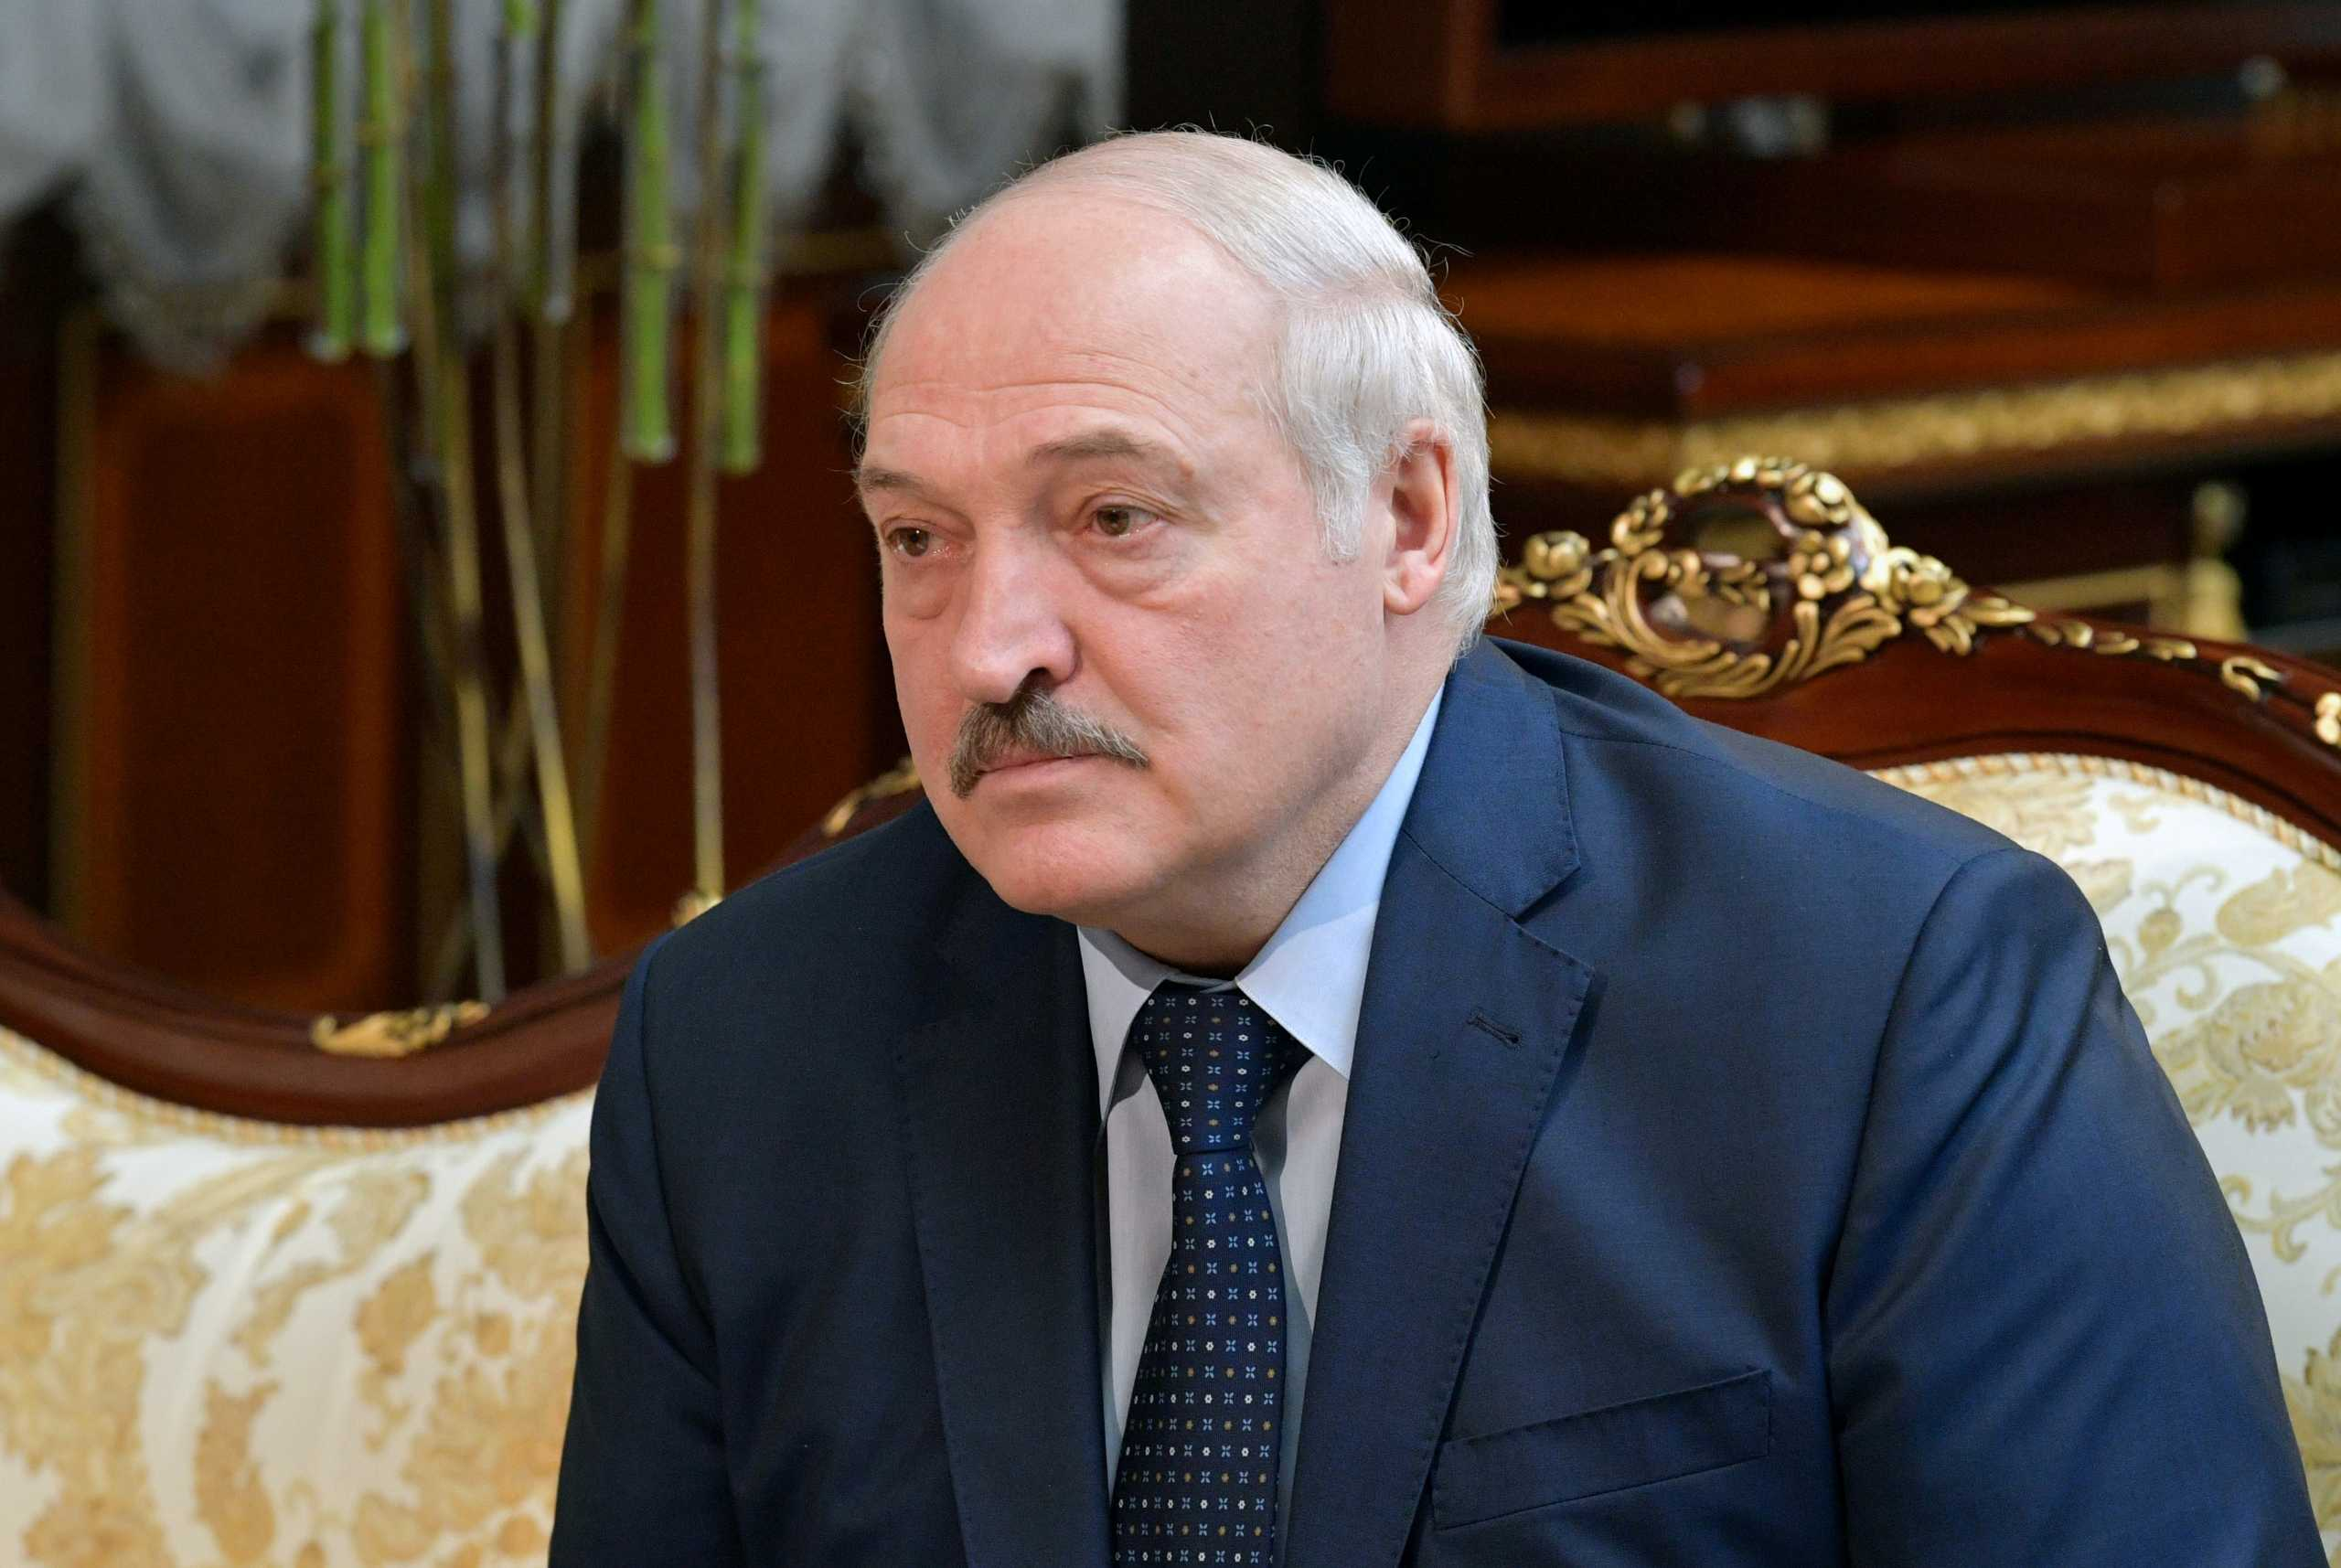 Ευρωπαϊκές κυρώσεις στις χρηματοπιστωτικές συναλλαγές της Λευκορωσίας